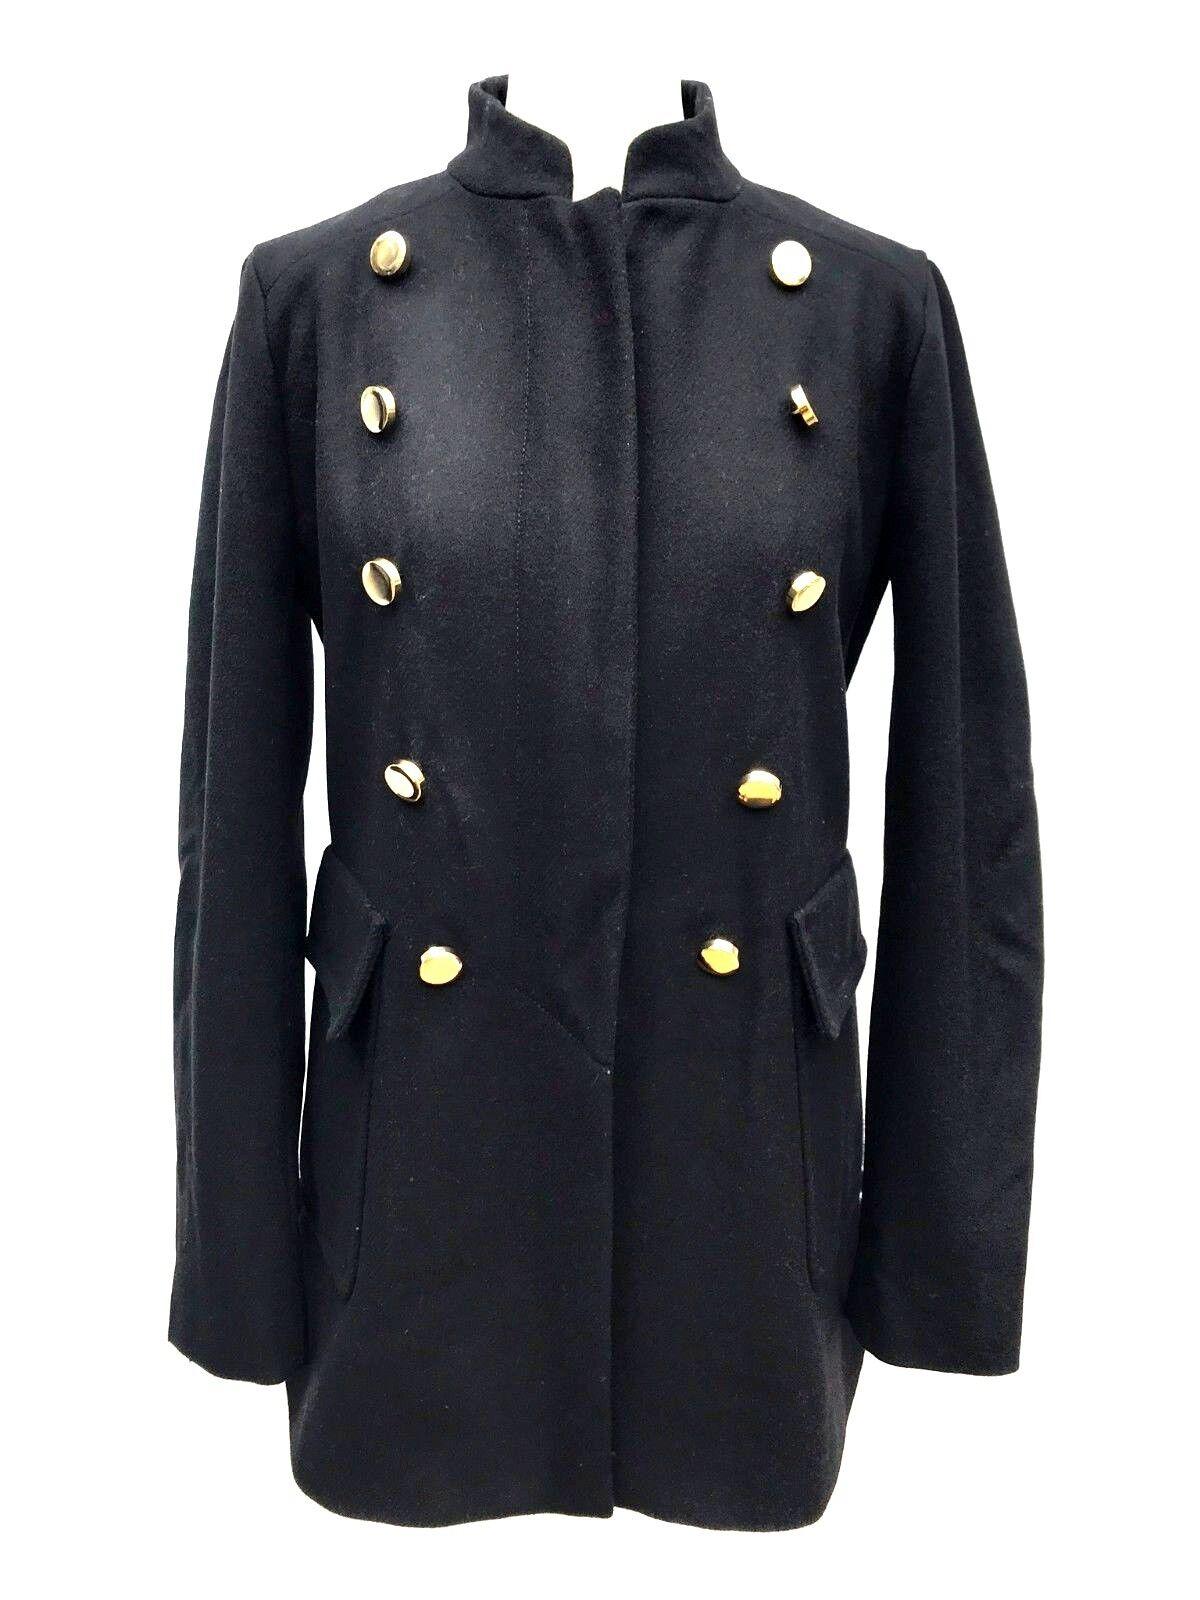 Dettagli su Zara Giacca Militare Cappotto di Lana Taglia Media Ref 8234 600 Nuovo